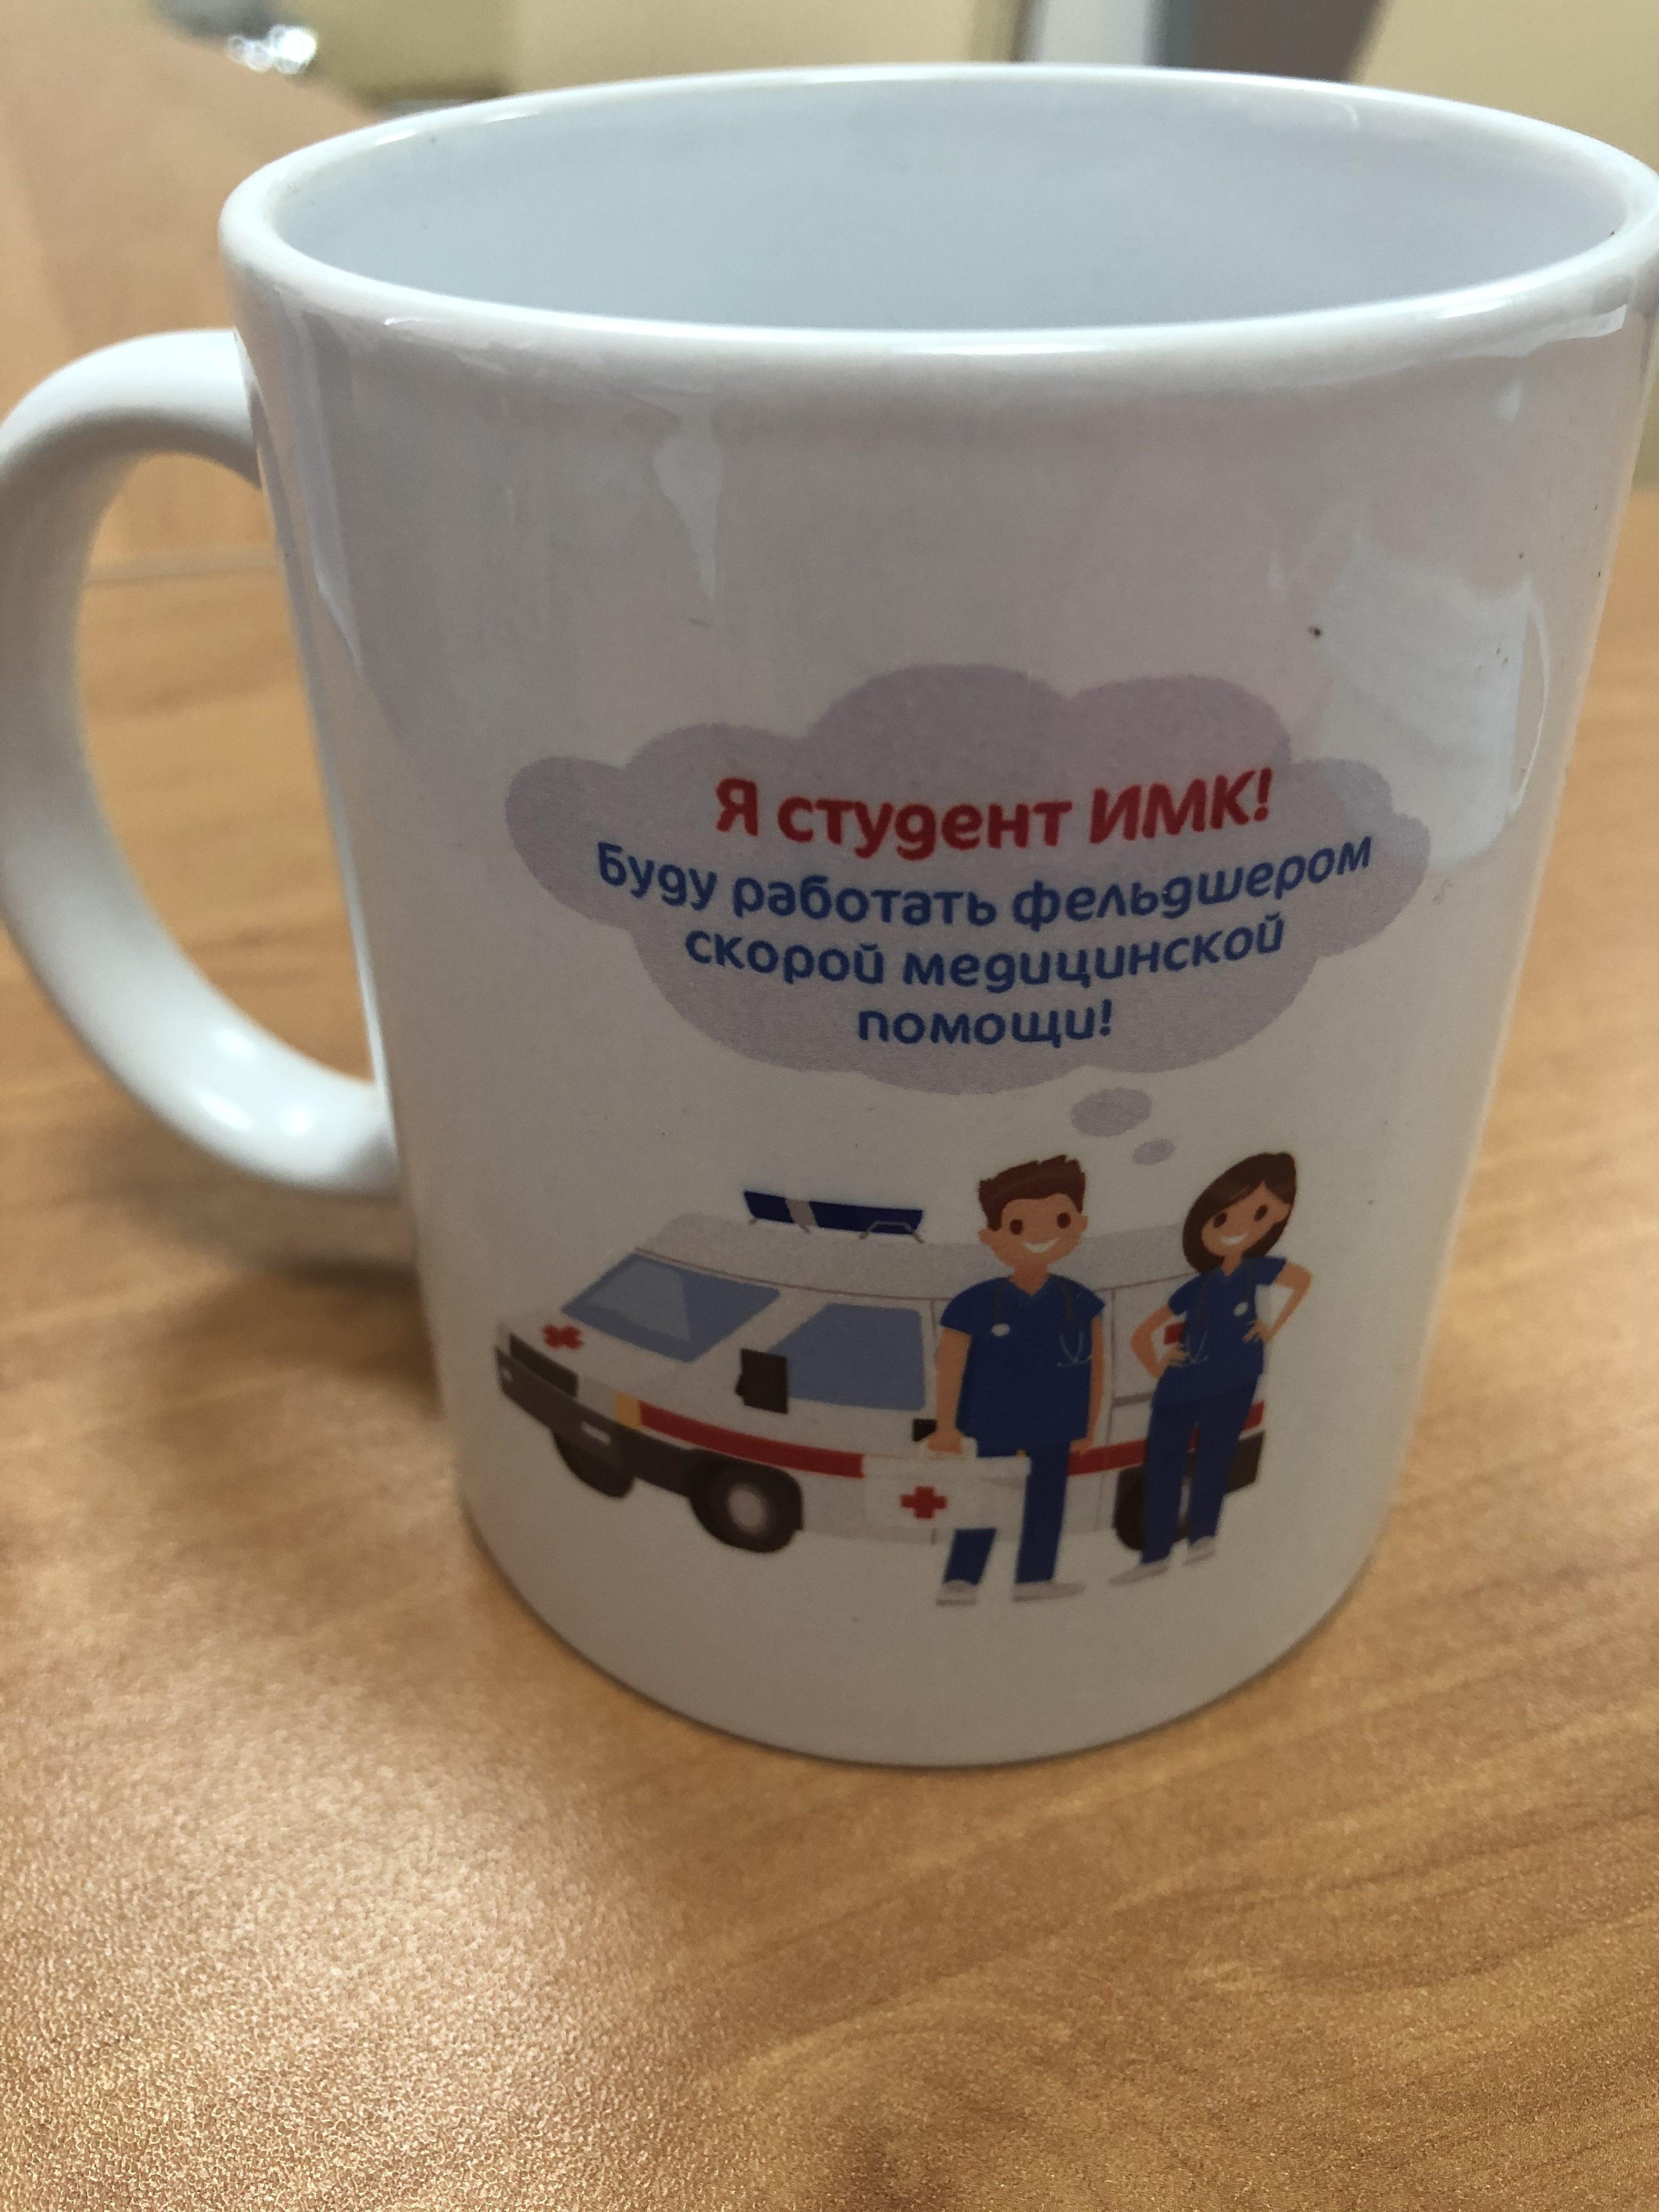 28 апреля День работника скорой медицинской помощи